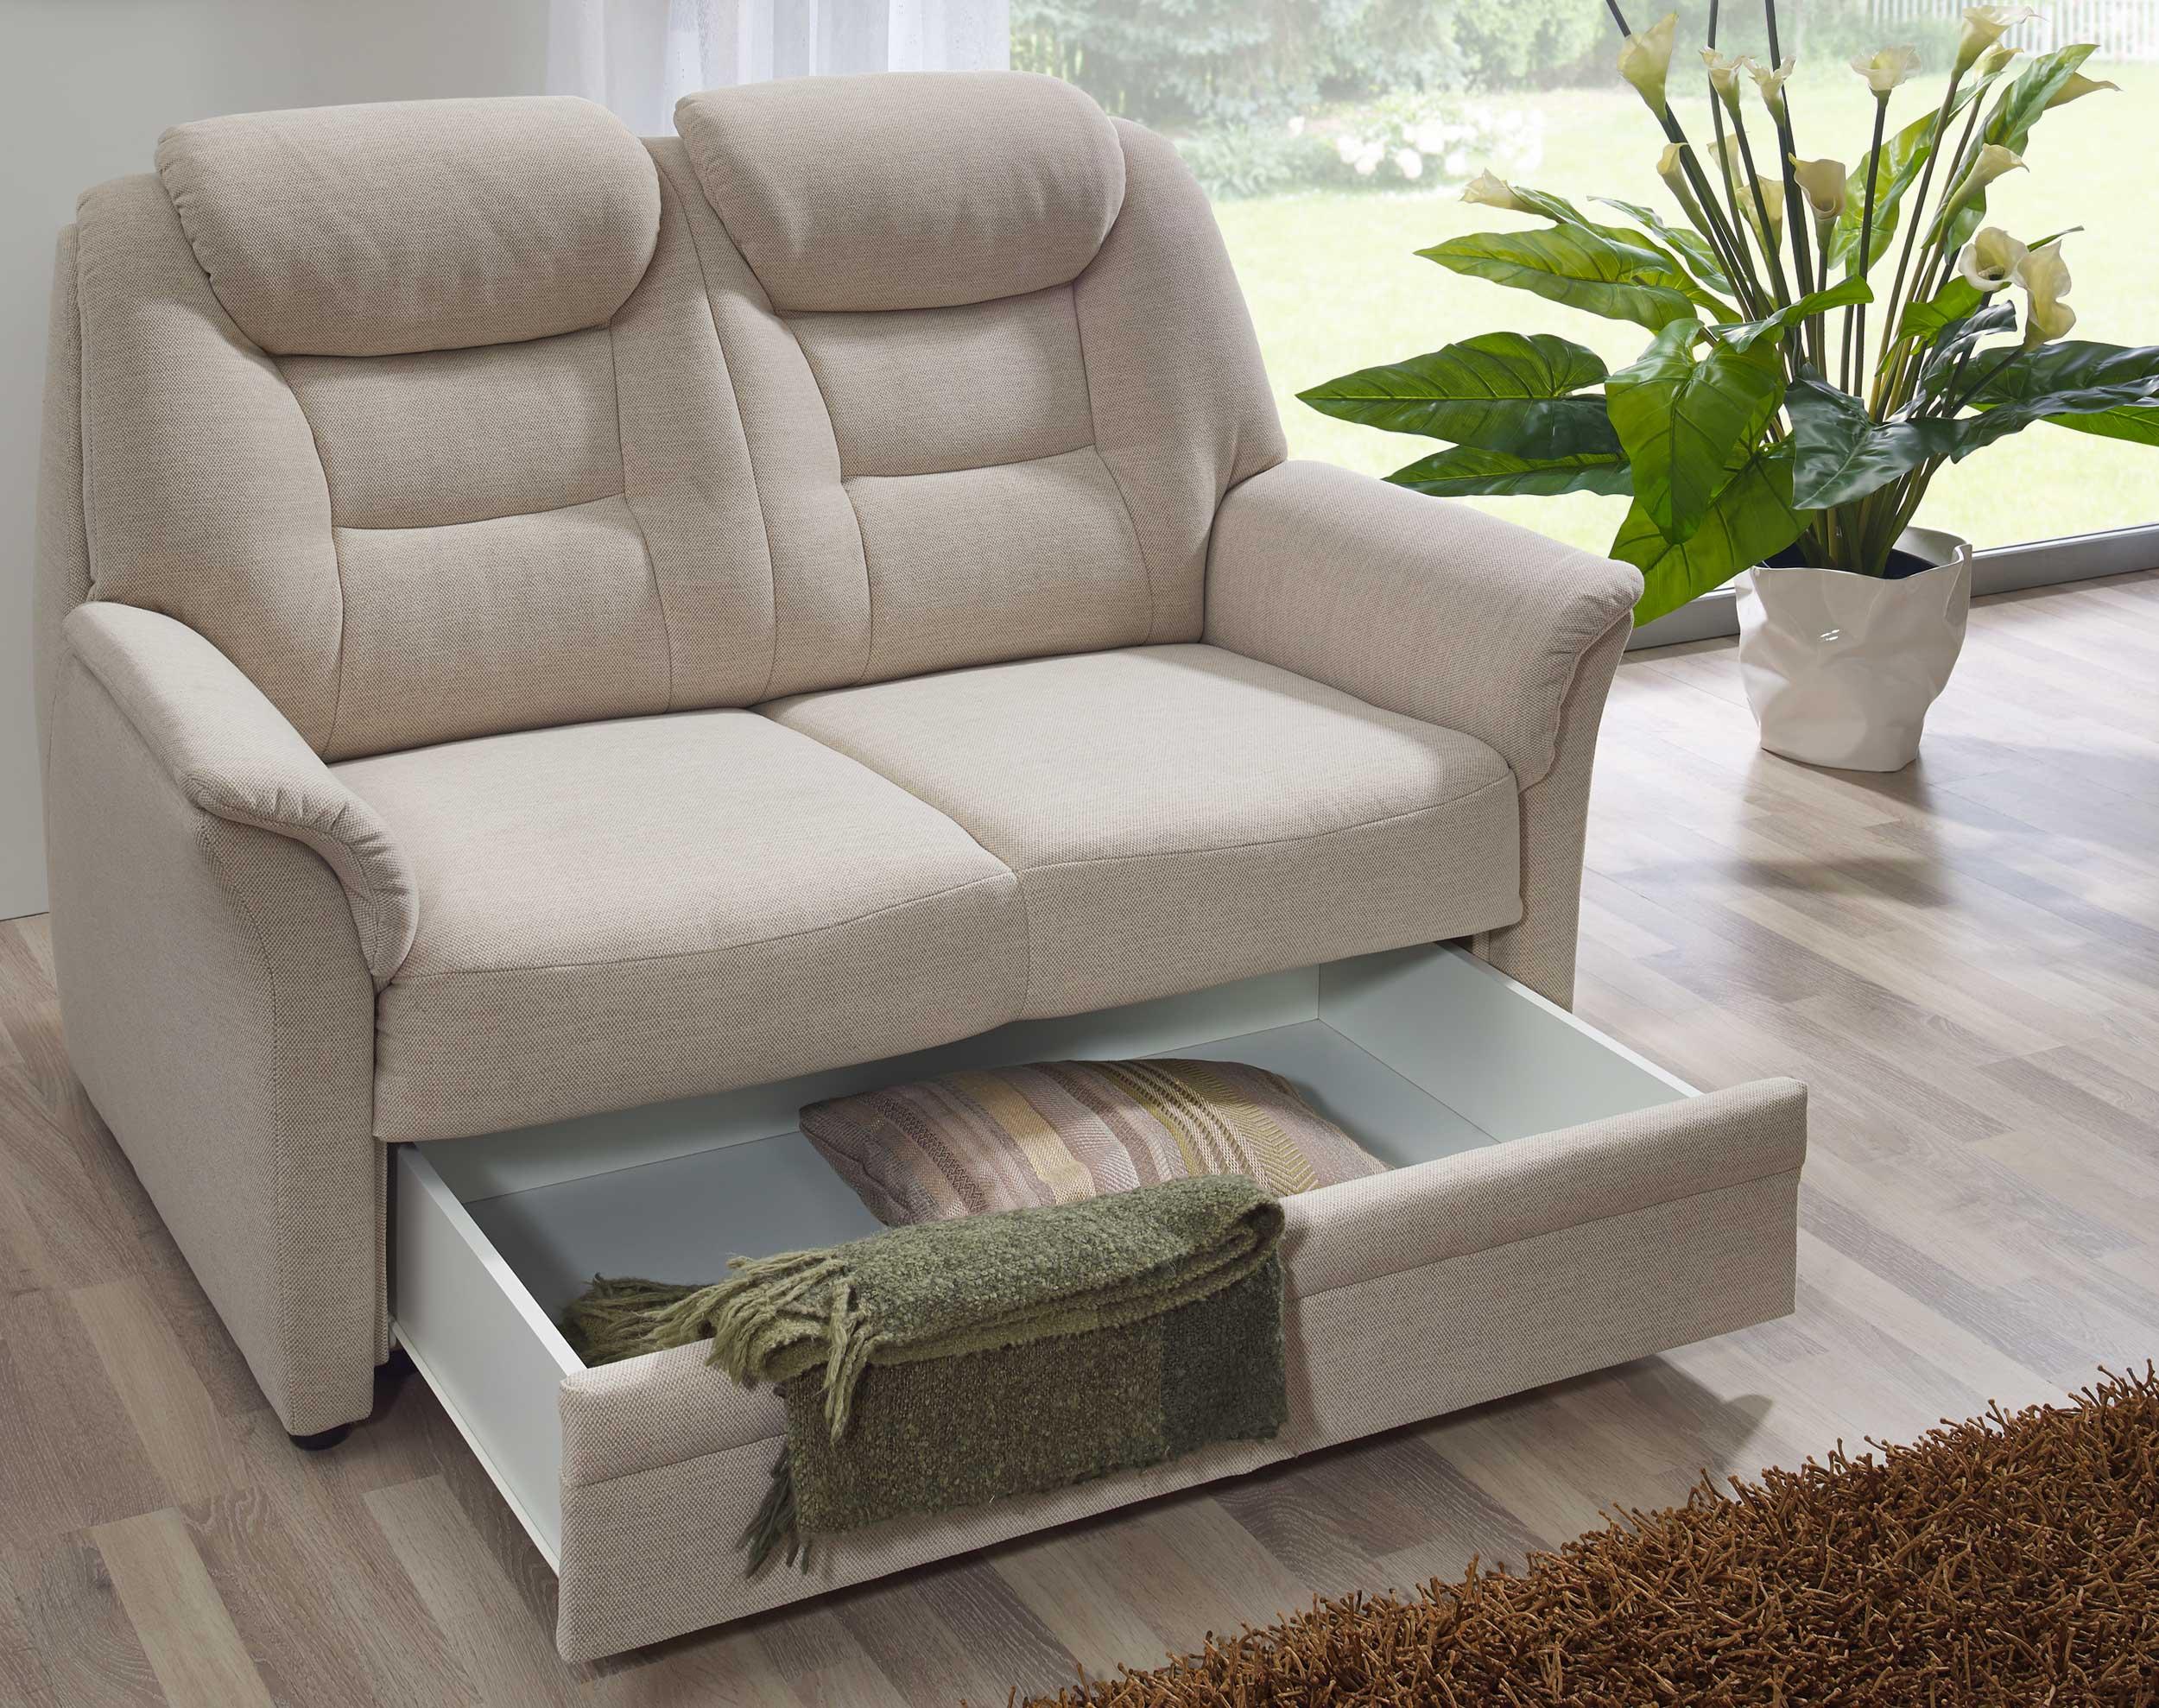 Dietsch Kiel 2 Sitzer Sofa mit Stauraum